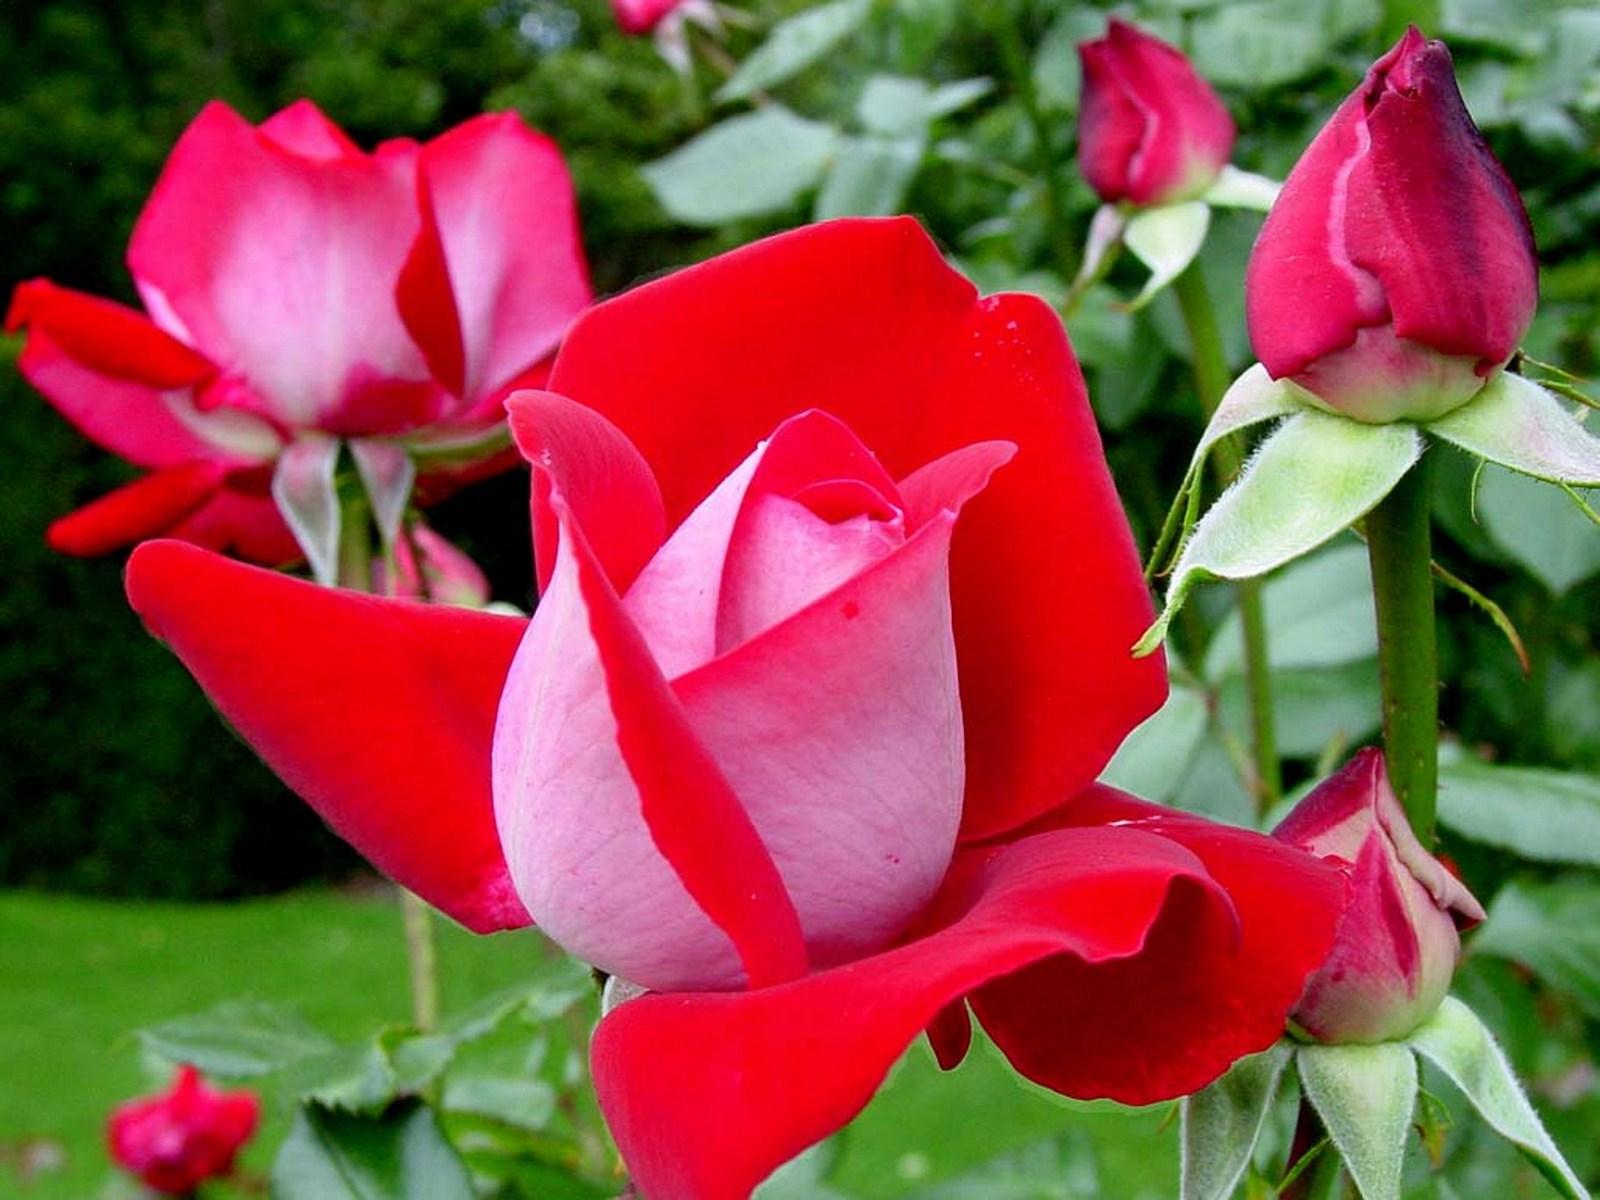 صوره تحميل صور ورد مجانا , اجمل صور الازهار الراقية